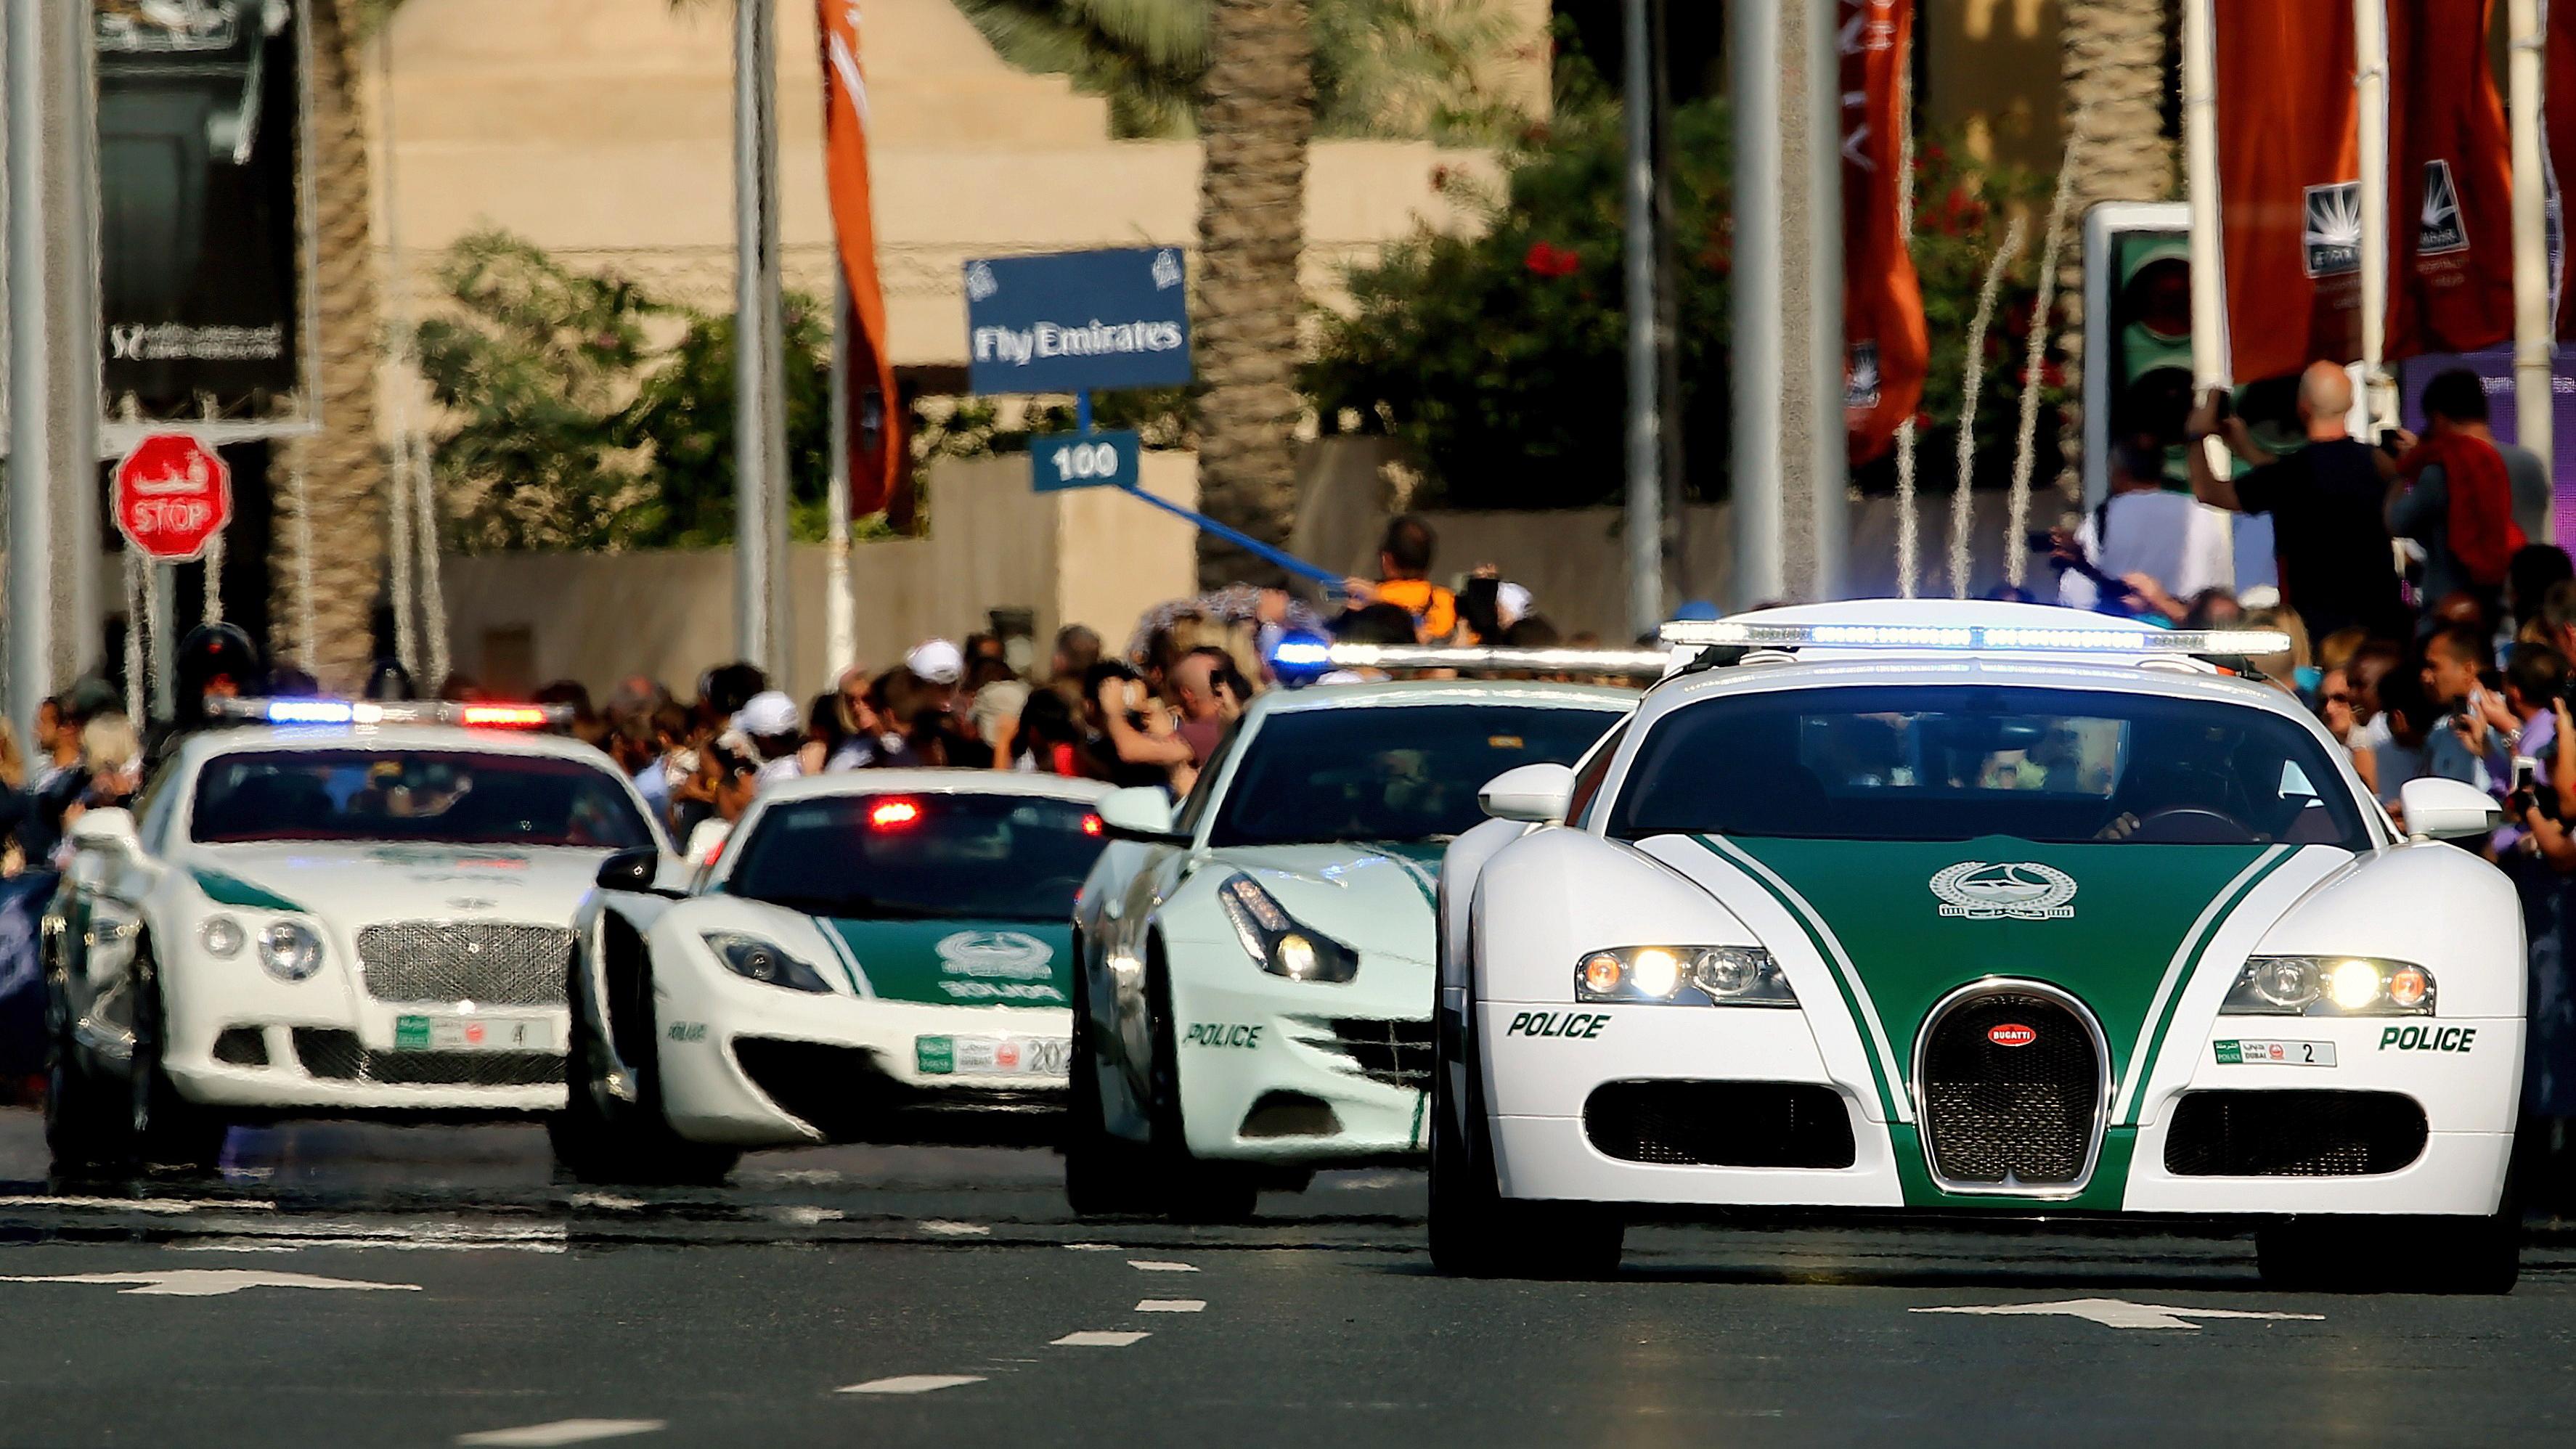 Kết quả hình ảnh cho police car dubai